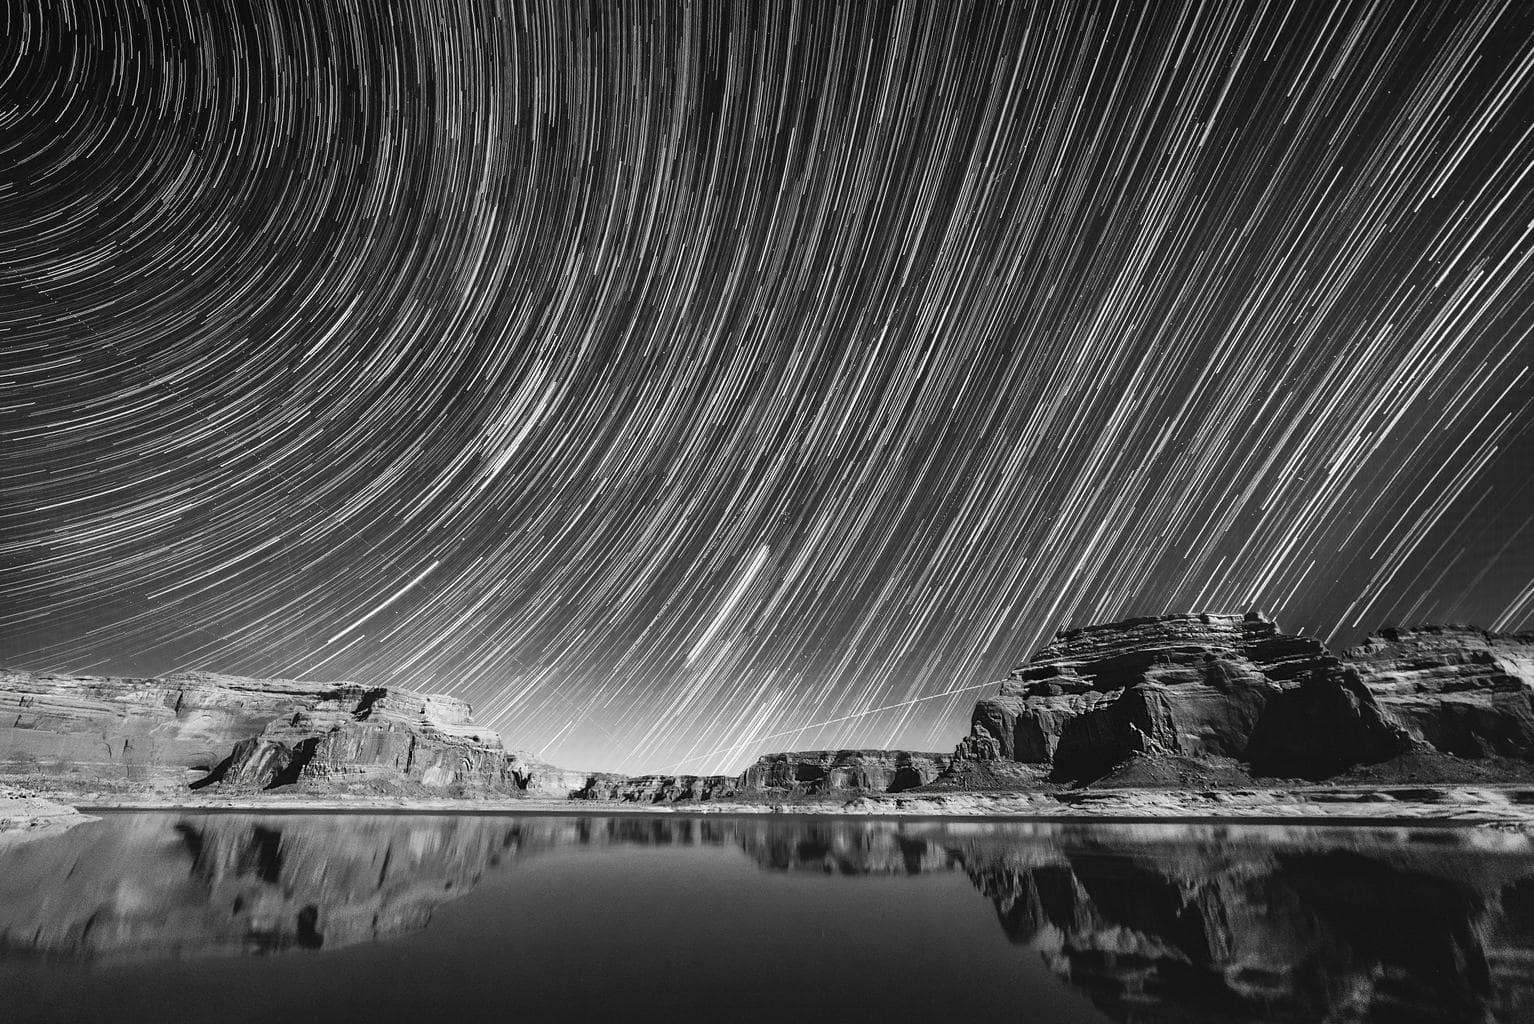 Rastro de estrellas en blanco y negro